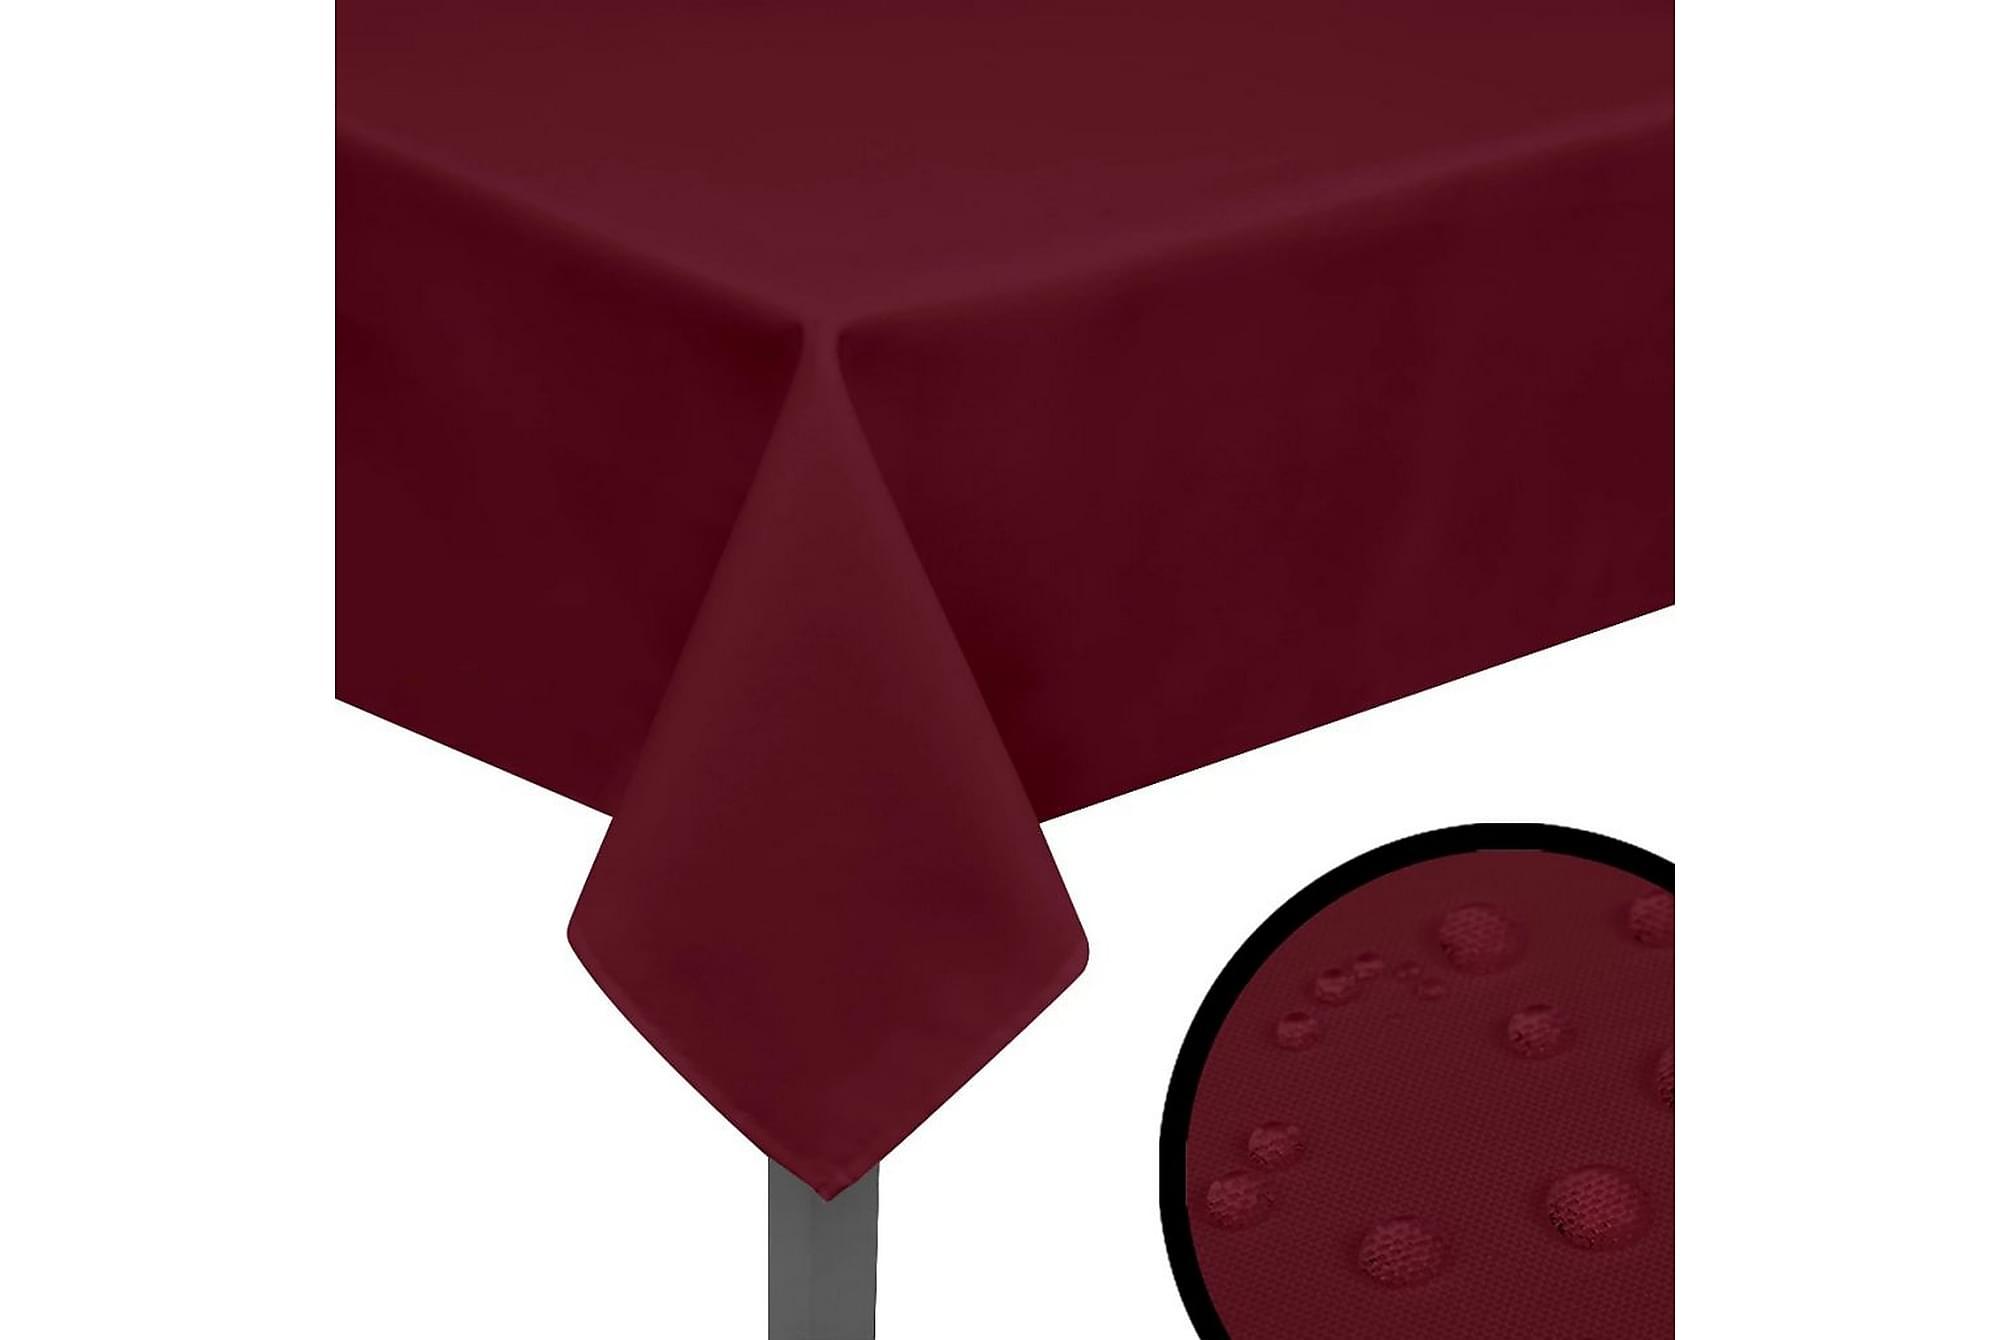 Bordsduk 5 st vinröd 220x130 cm, Kökstextilier